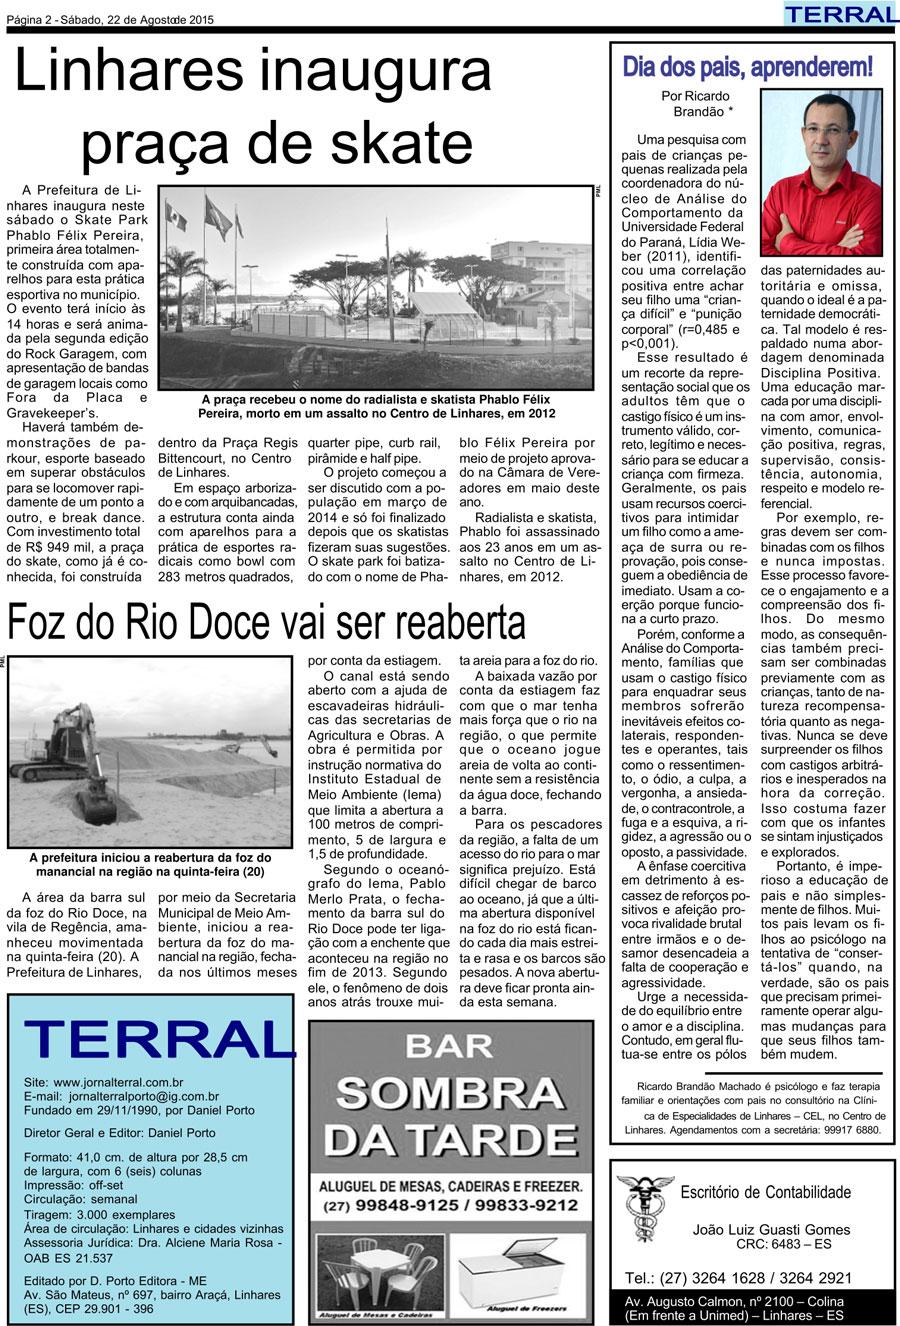 artigo-paternidade_ricardo